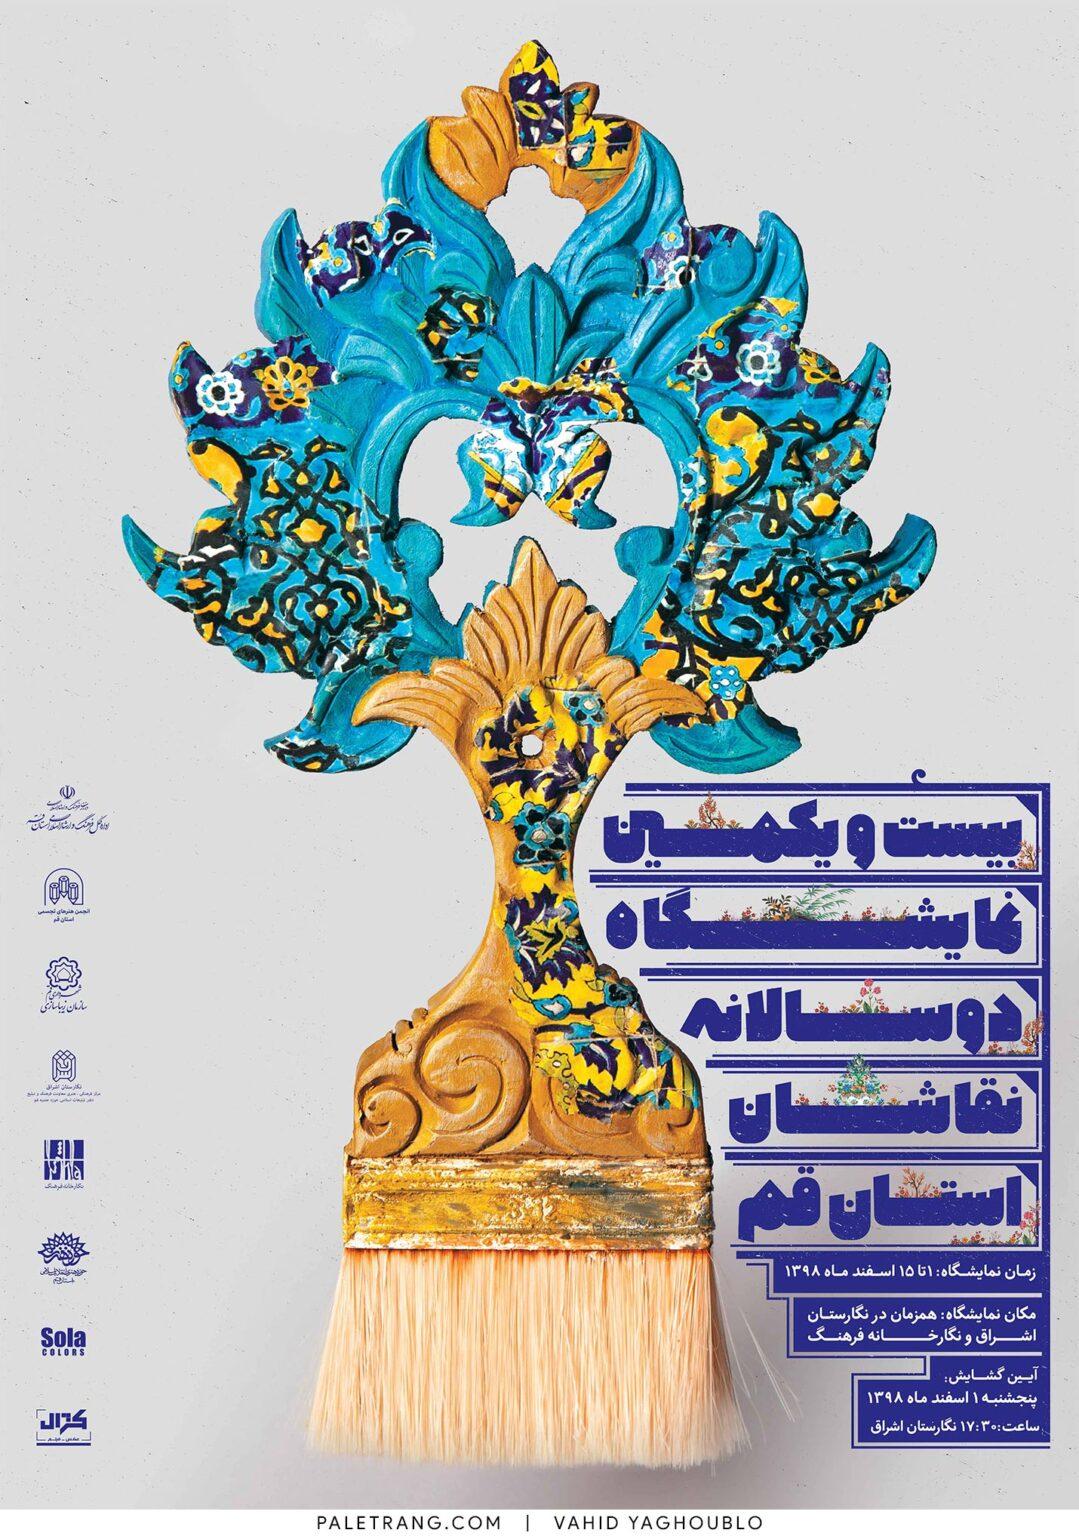 پوستر نمایشگاه دوسالانه نقاشان استان قم اثر وحید یعقوبلو